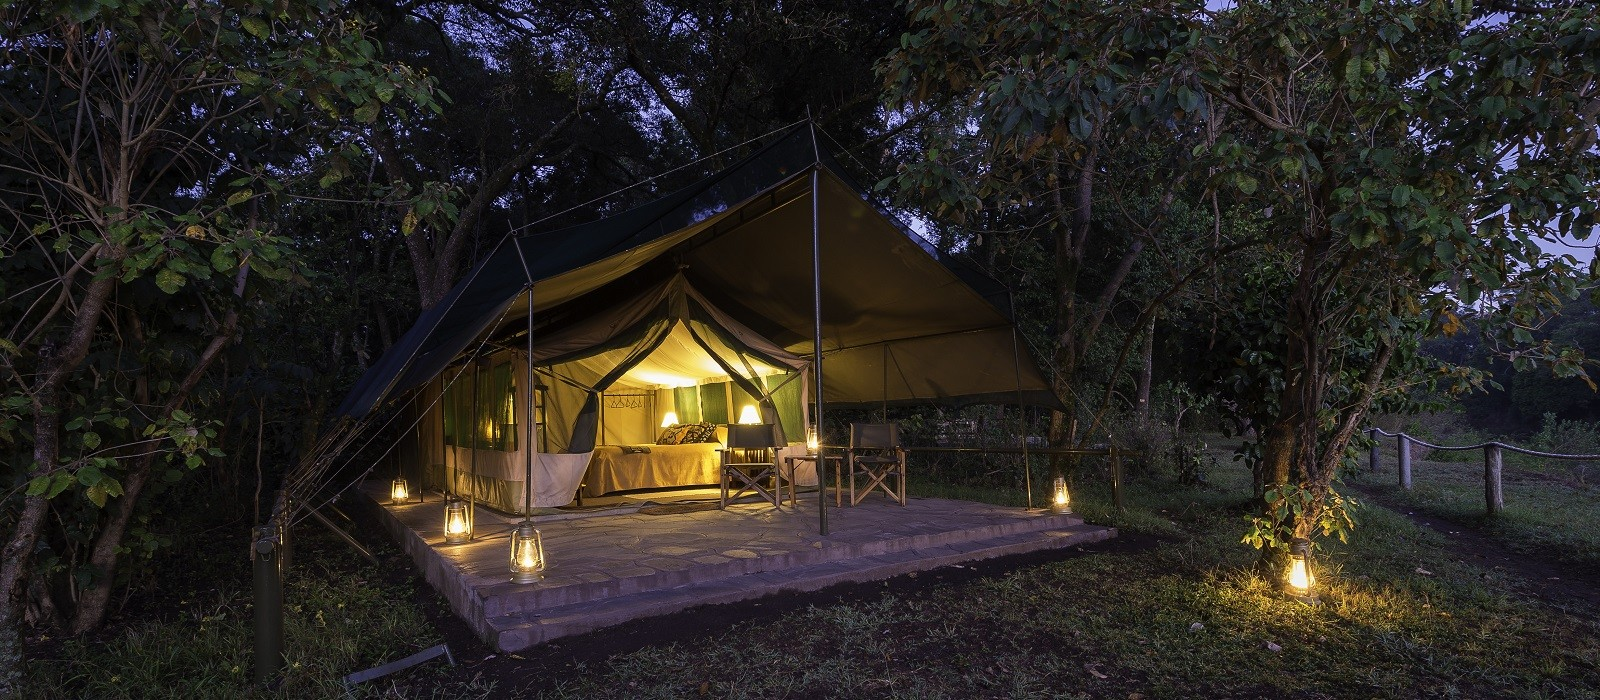 Hotel Governor's Camp Kenya